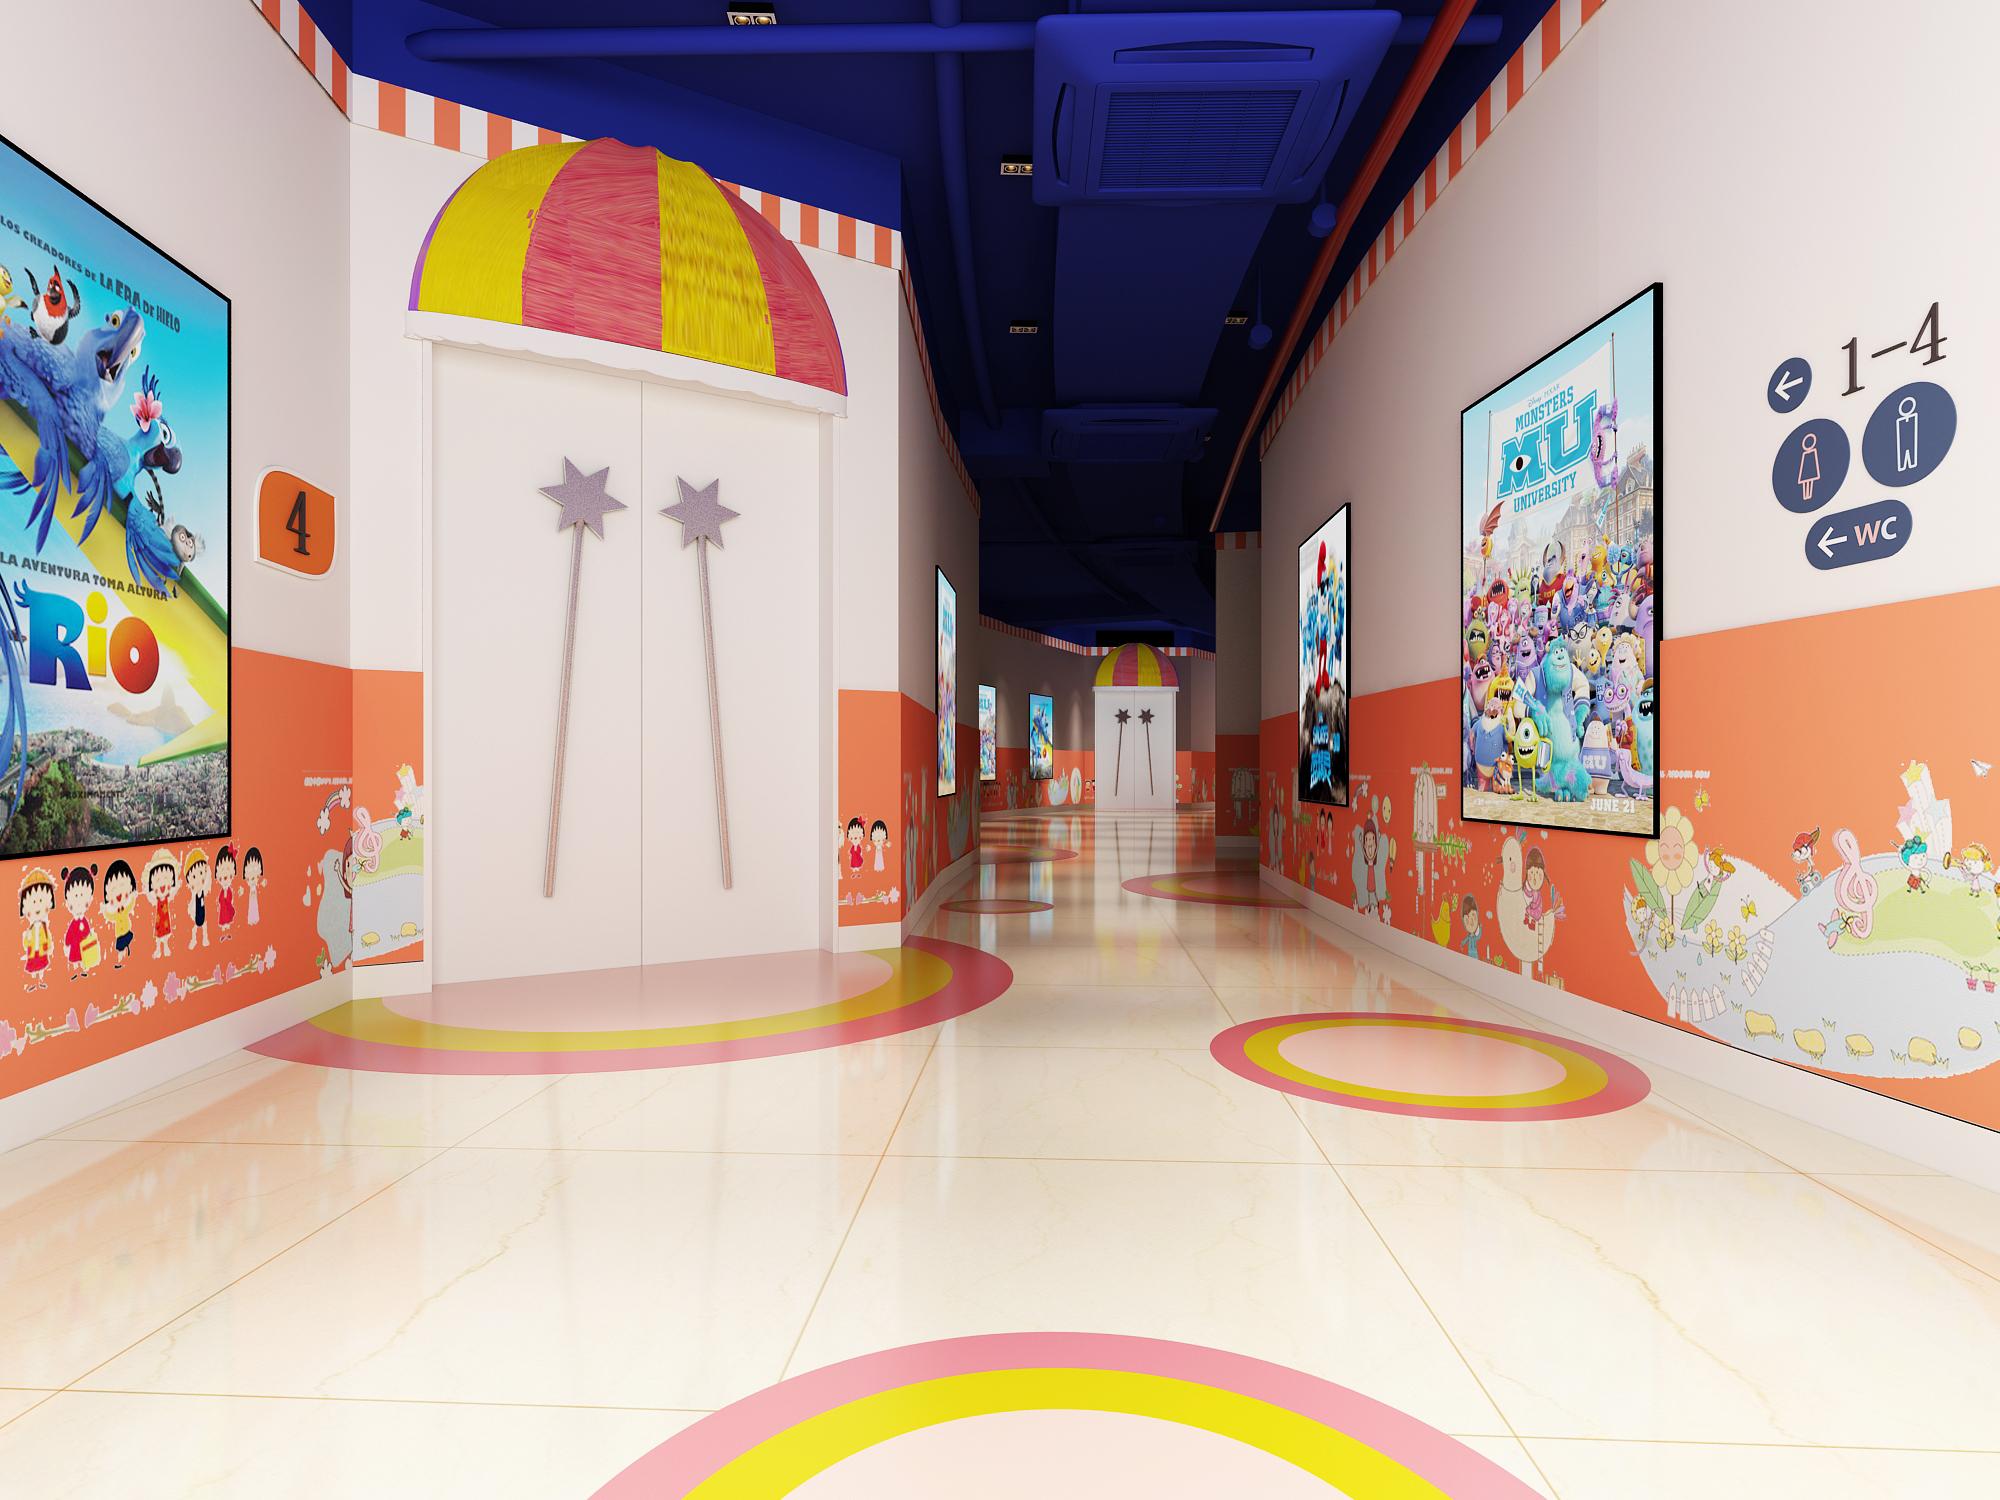 儿童空间教育空间大厅教室图书馆室培训中心校园文化幼儿园设计